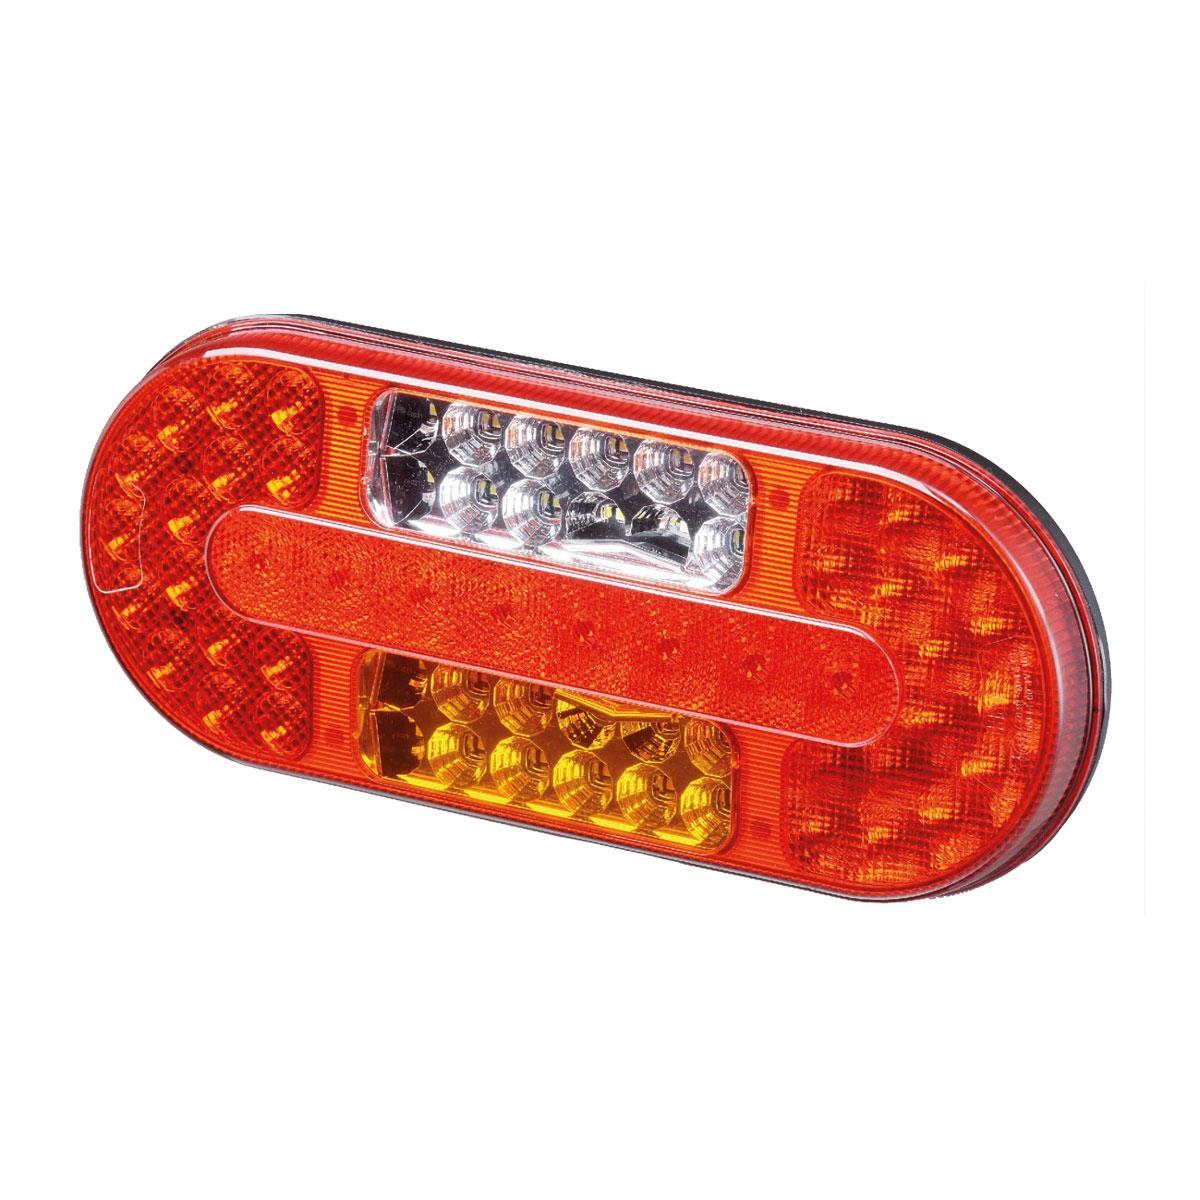 Fantastisk LED trailer baglygte Venstre 10-30 V m/tåge og baklys. - JS DN37